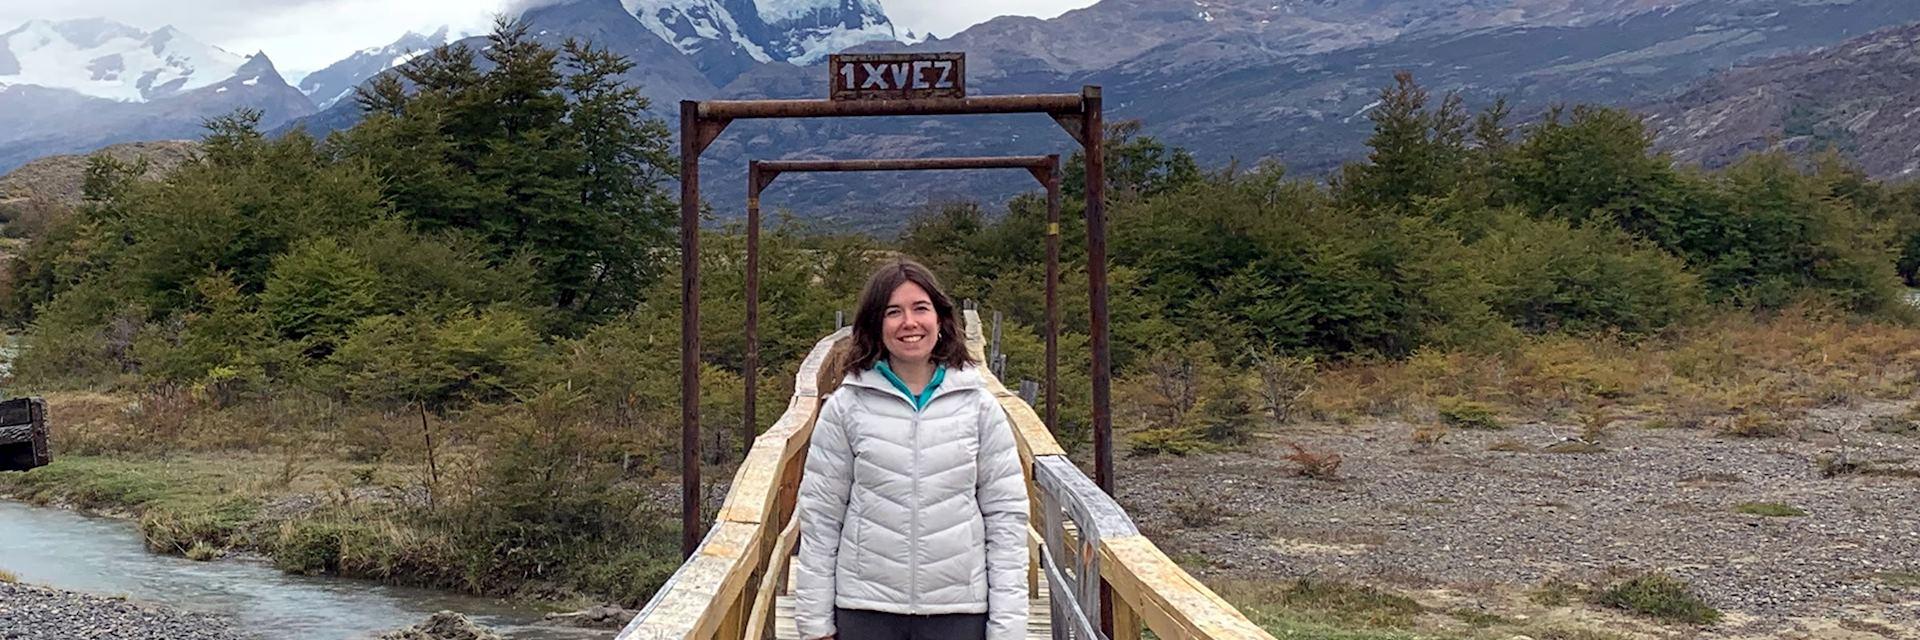 Estancia Cristina in Patagonia, Argentina